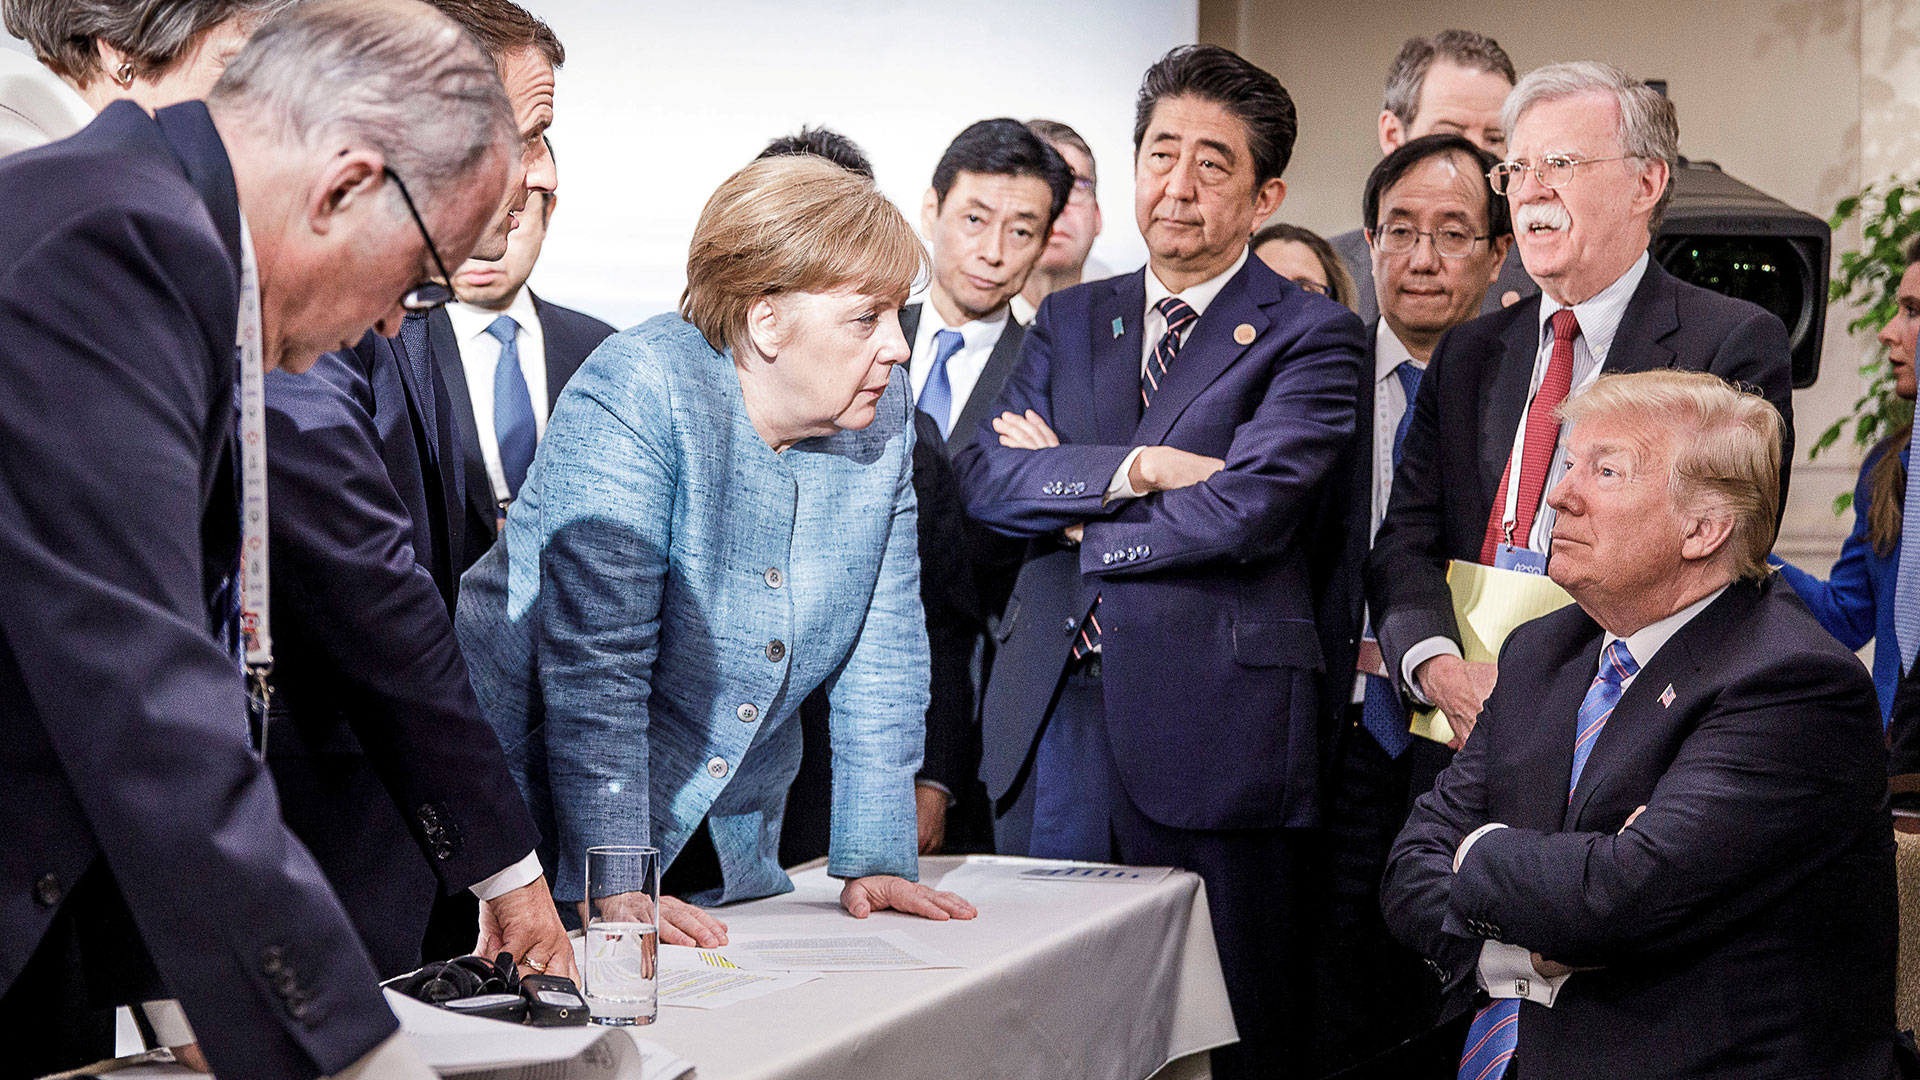 Donald Trump, en el centro de una traumática reunión con Angela Merkel, Emmanuel Macron, Shinzo Abe y el resto de los líderes del G7 durante la fallida cumbre de Quebec, el 8 de junio (Archivo)